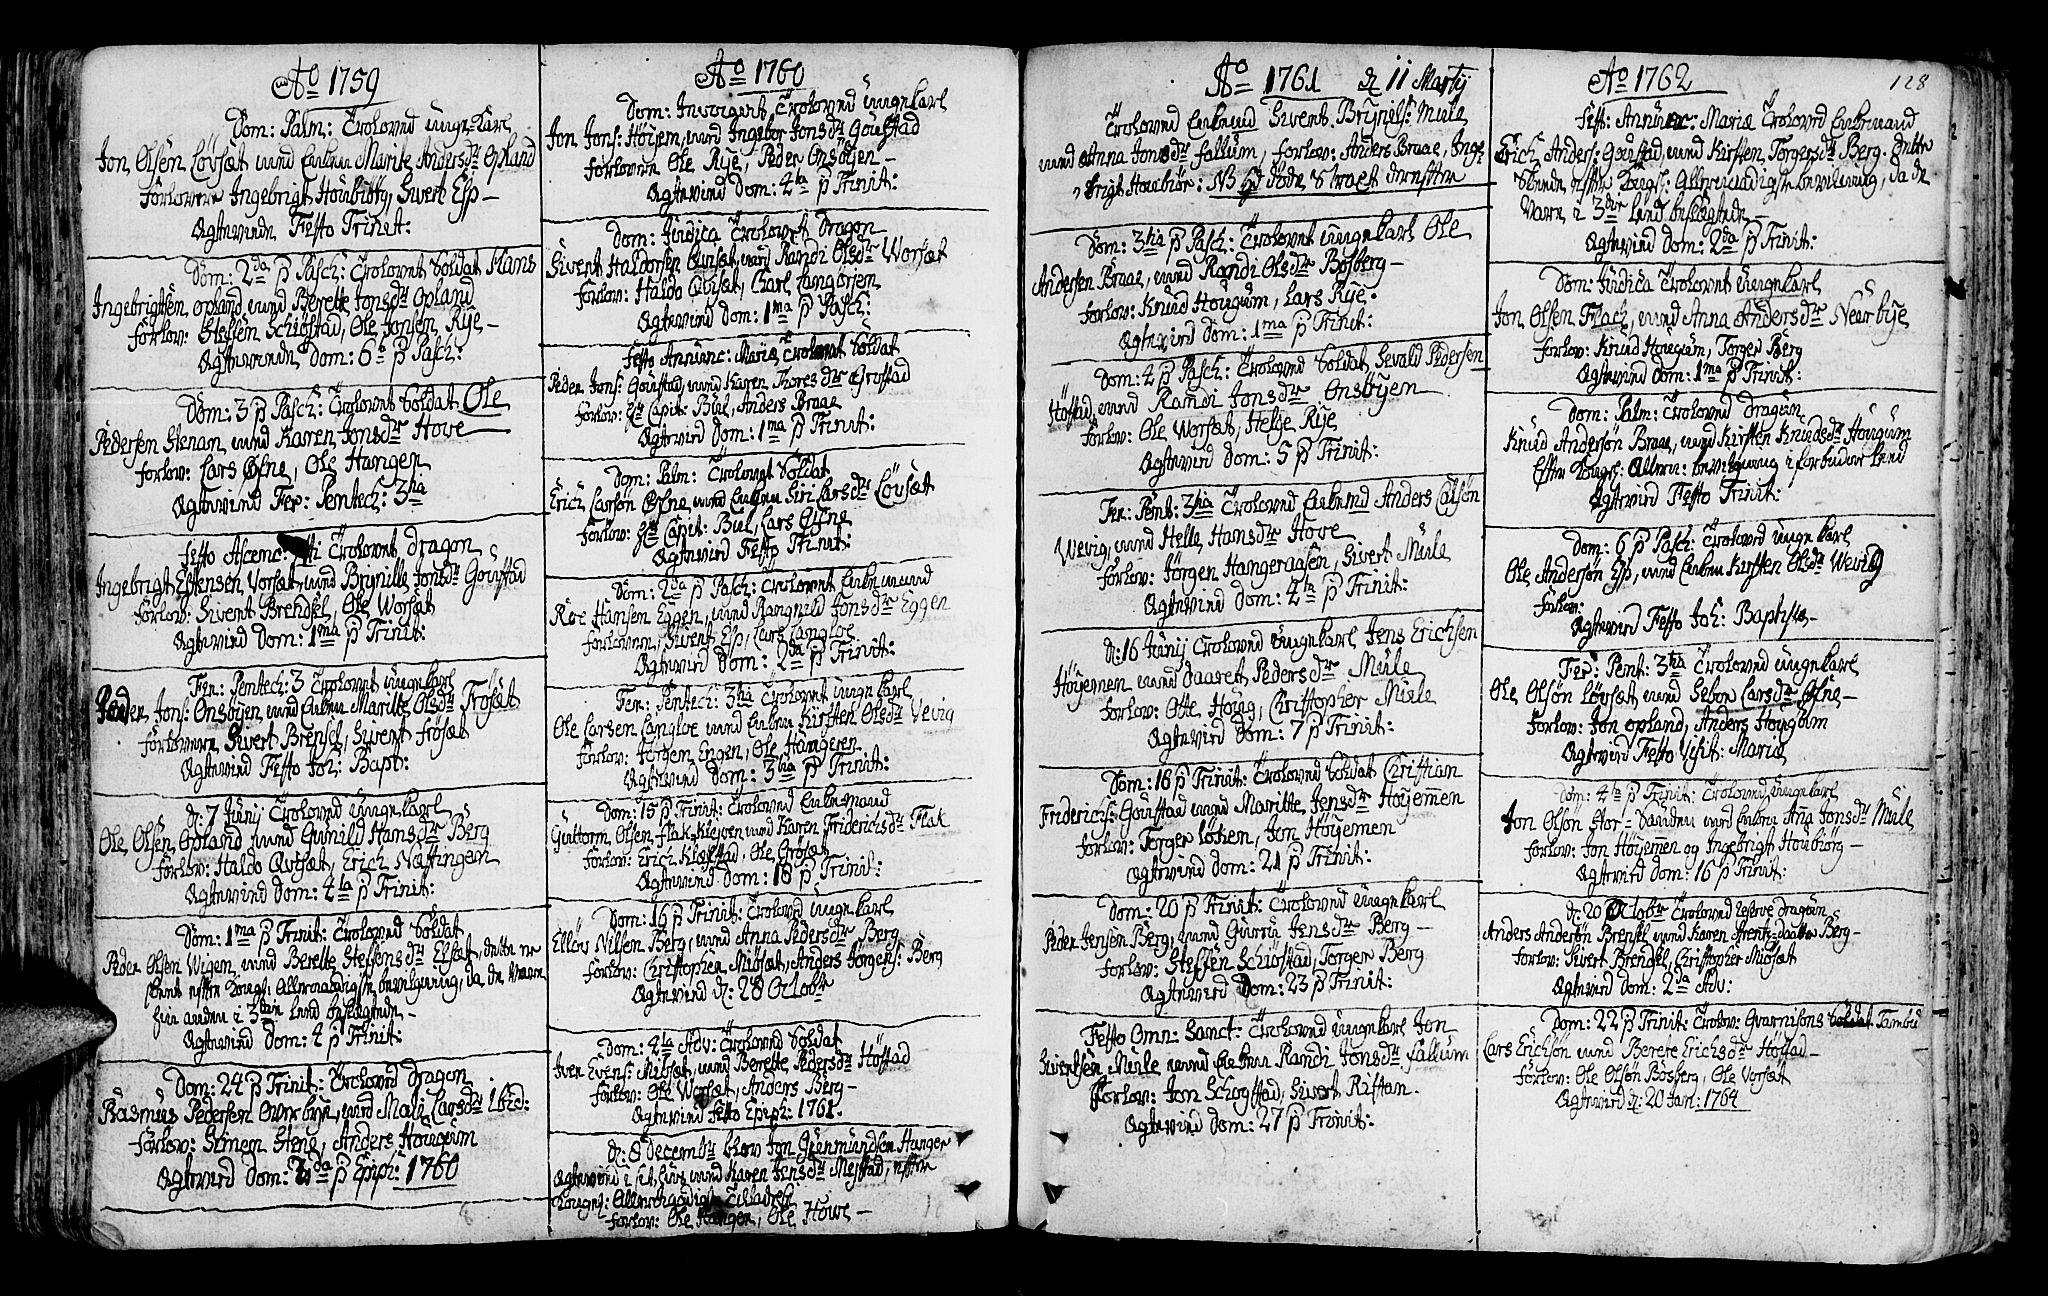 SAT, Ministerialprotokoller, klokkerbøker og fødselsregistre - Sør-Trøndelag, 612/L0370: Ministerialbok nr. 612A04, 1754-1802, s. 128